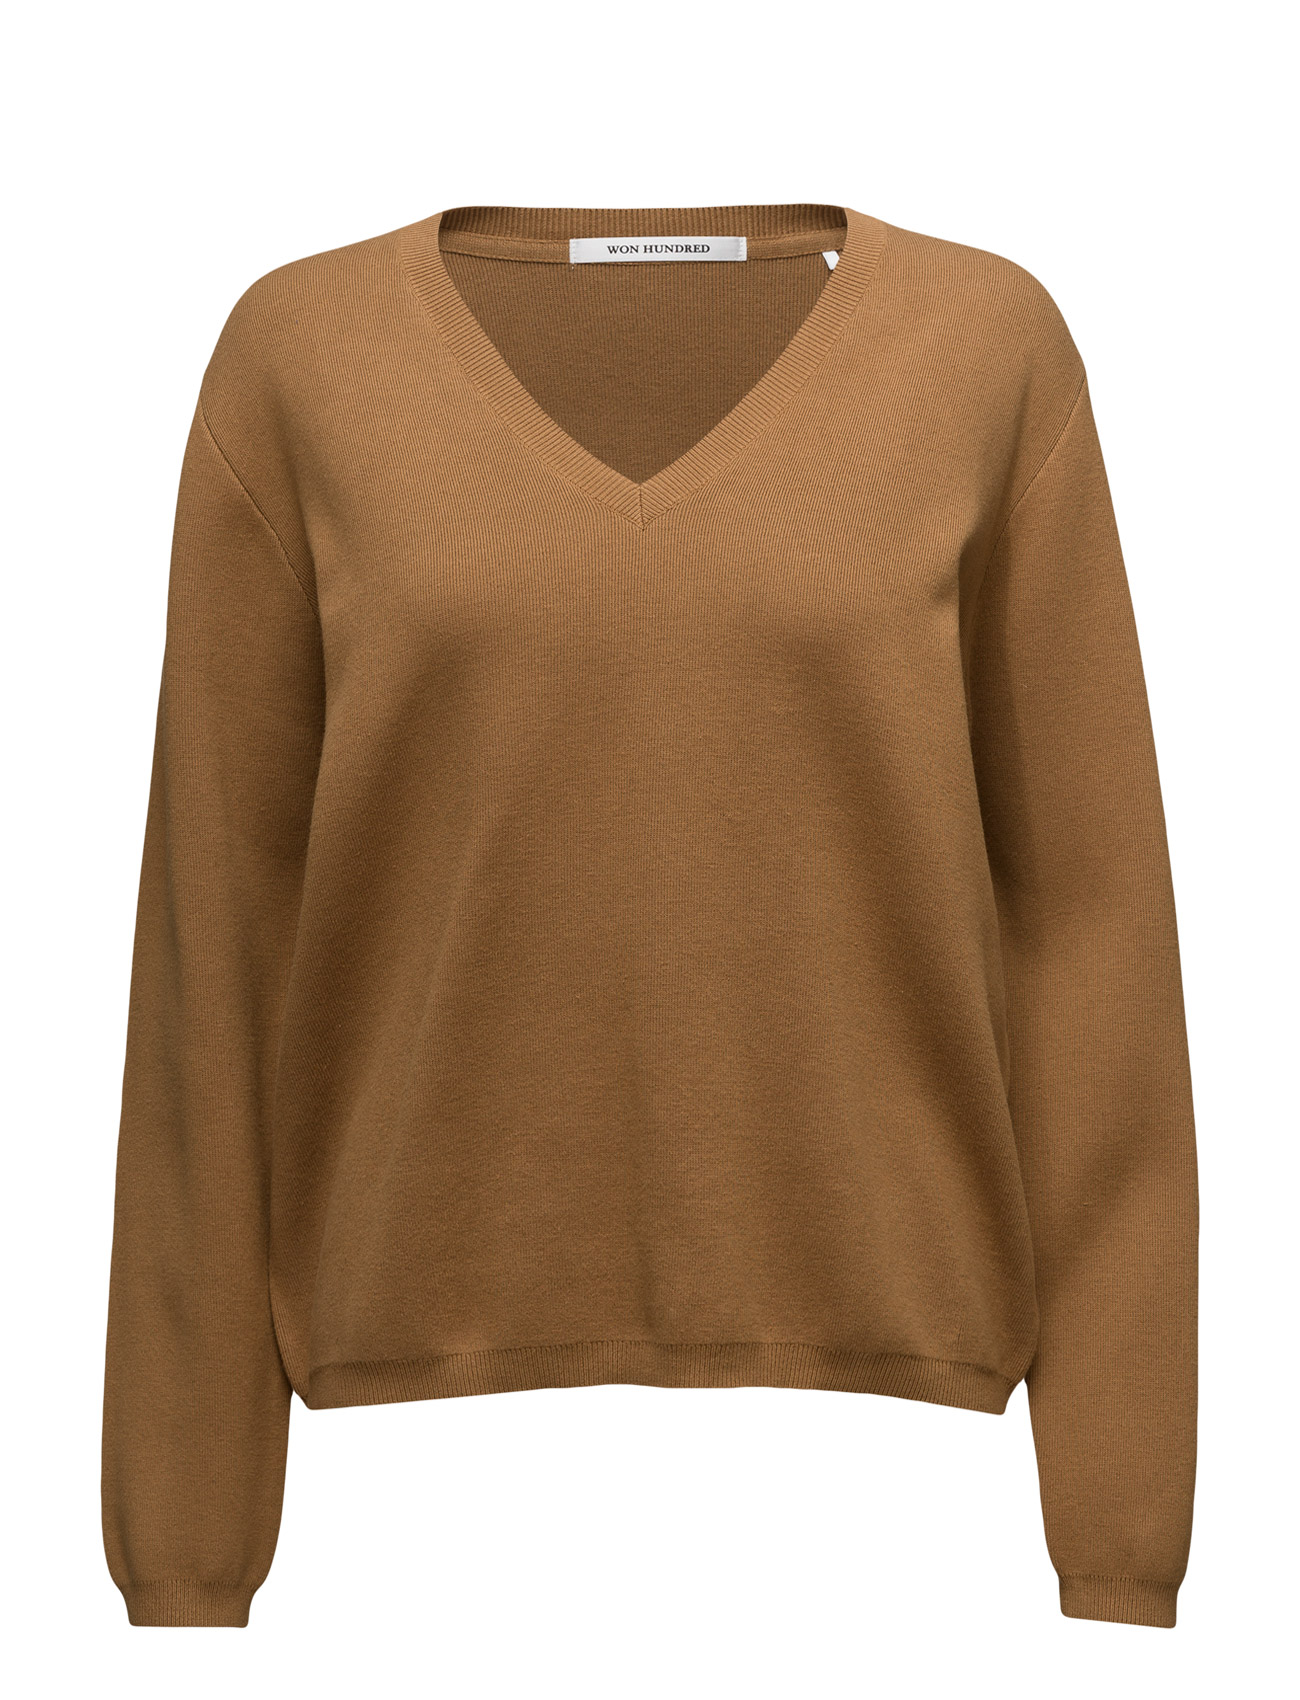 Pernille_2 Won Hundred Sweatshirts til Kvinder i Bone Brown